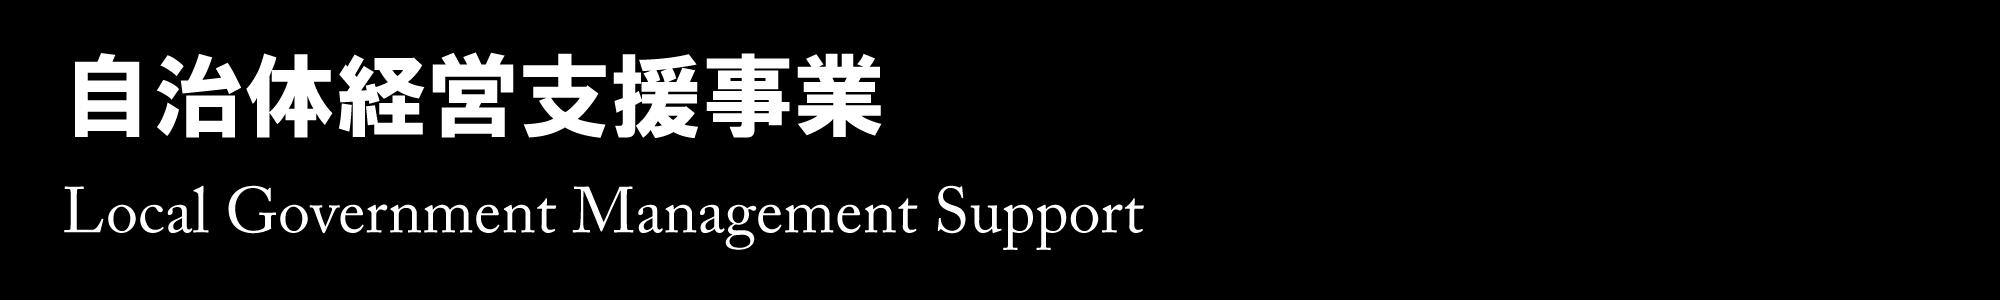 自治体経営支援事業 - Loacl Government Management Support